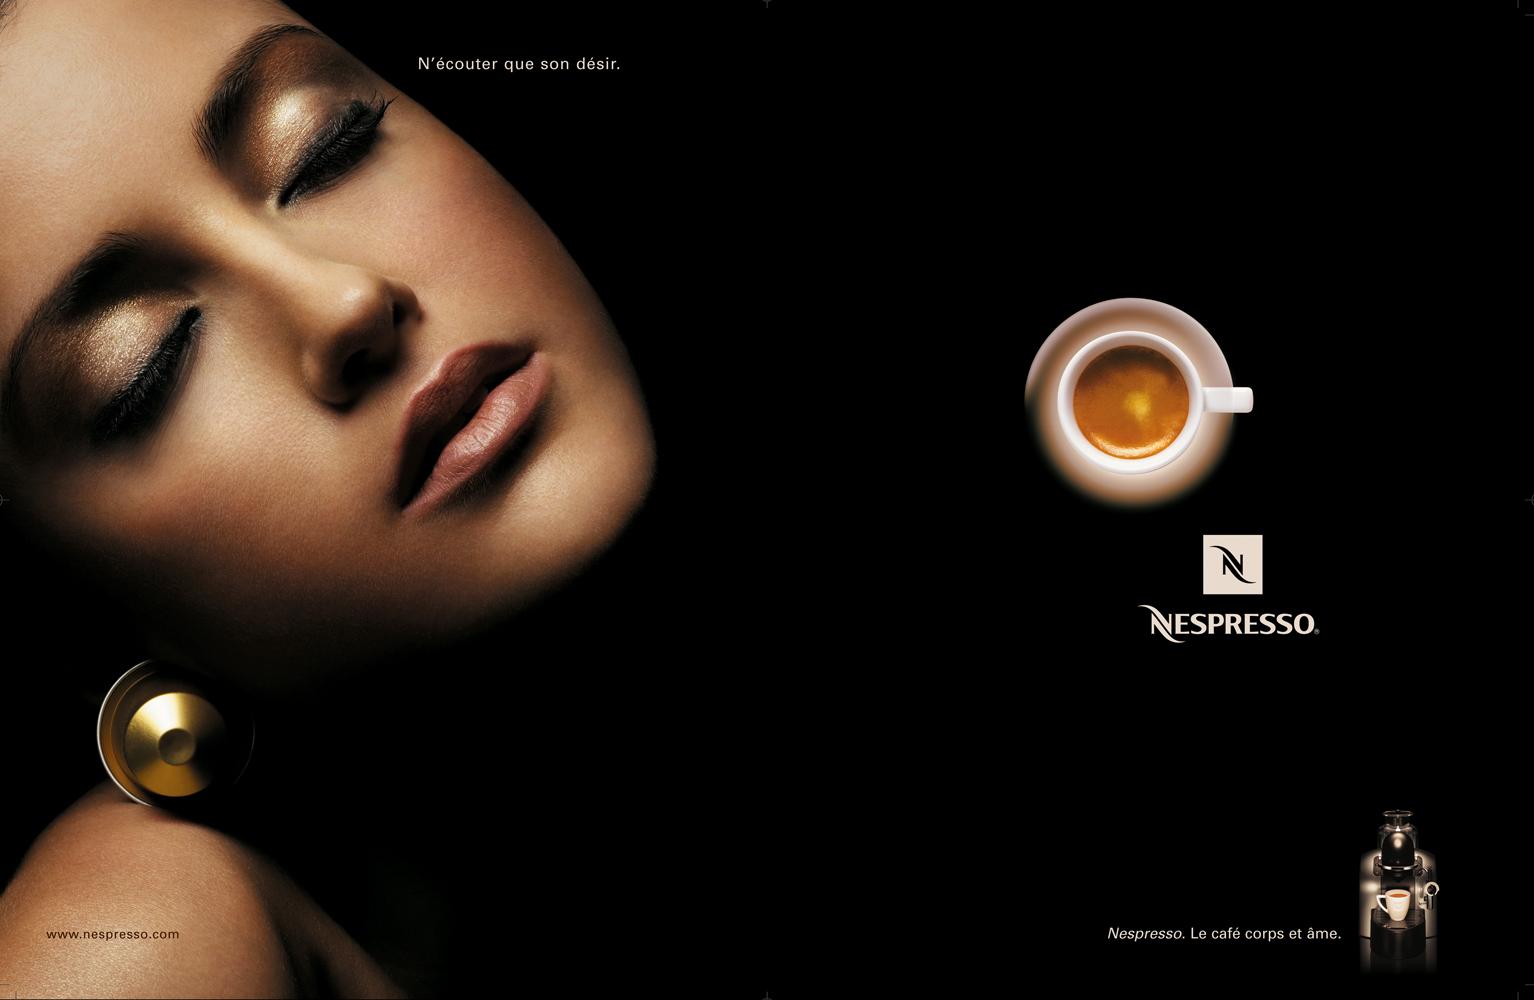 nespresso_oreille.jpg